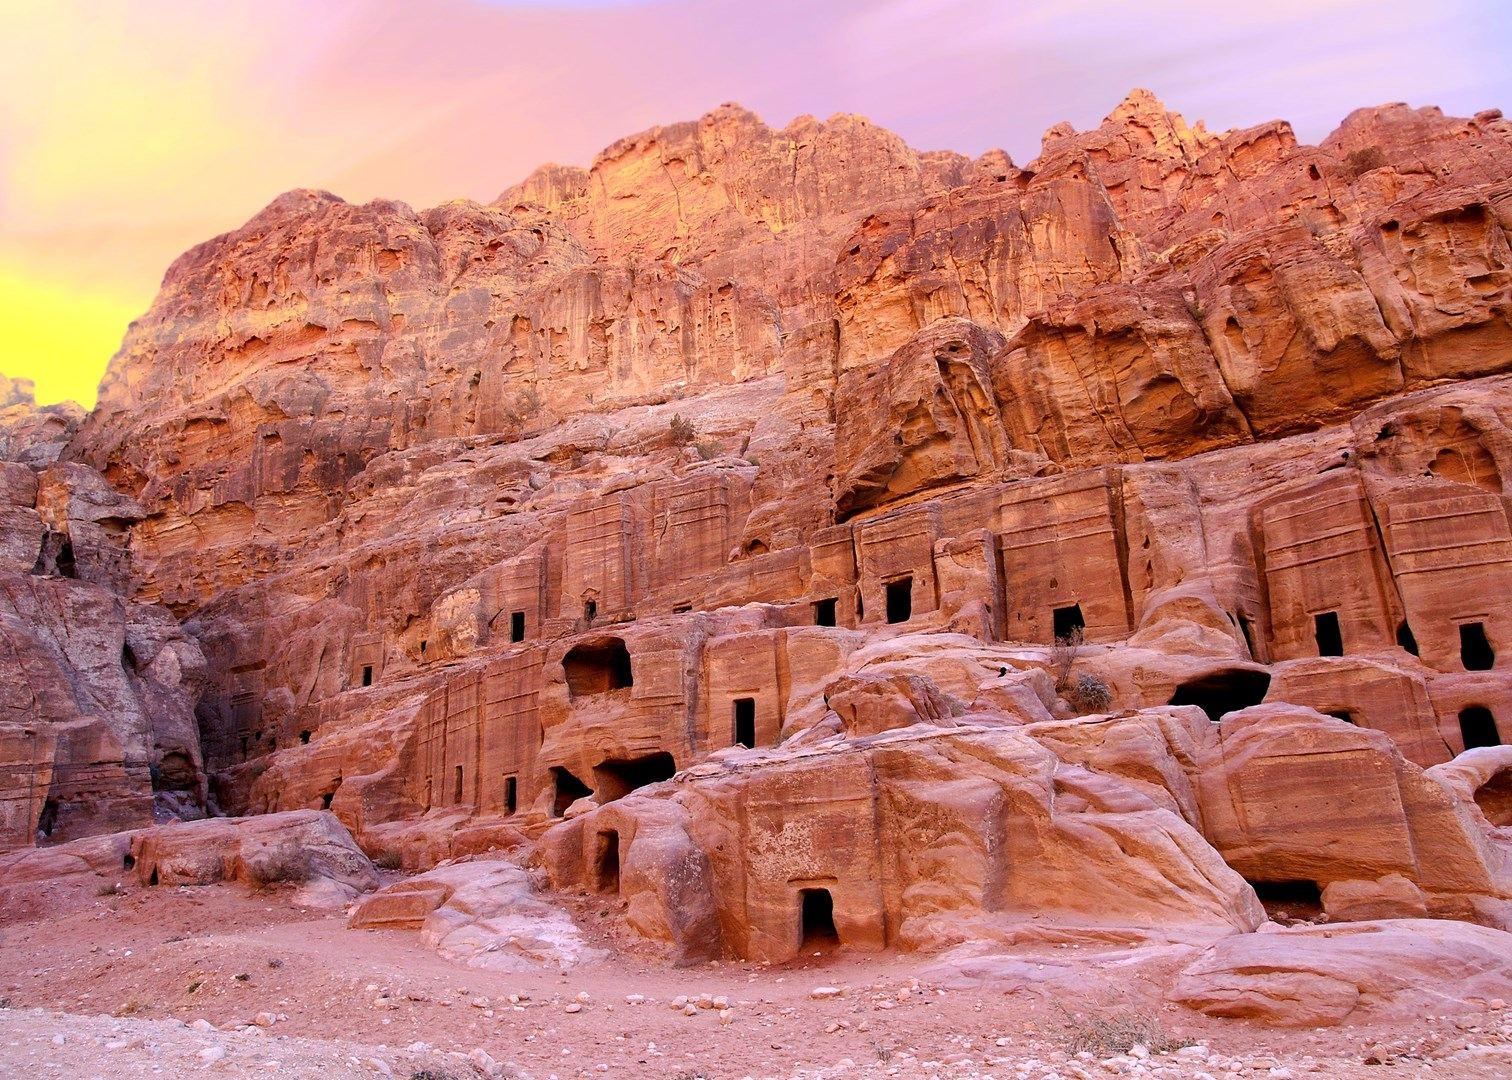 Город Петра в Иордании, гробницы и храмы